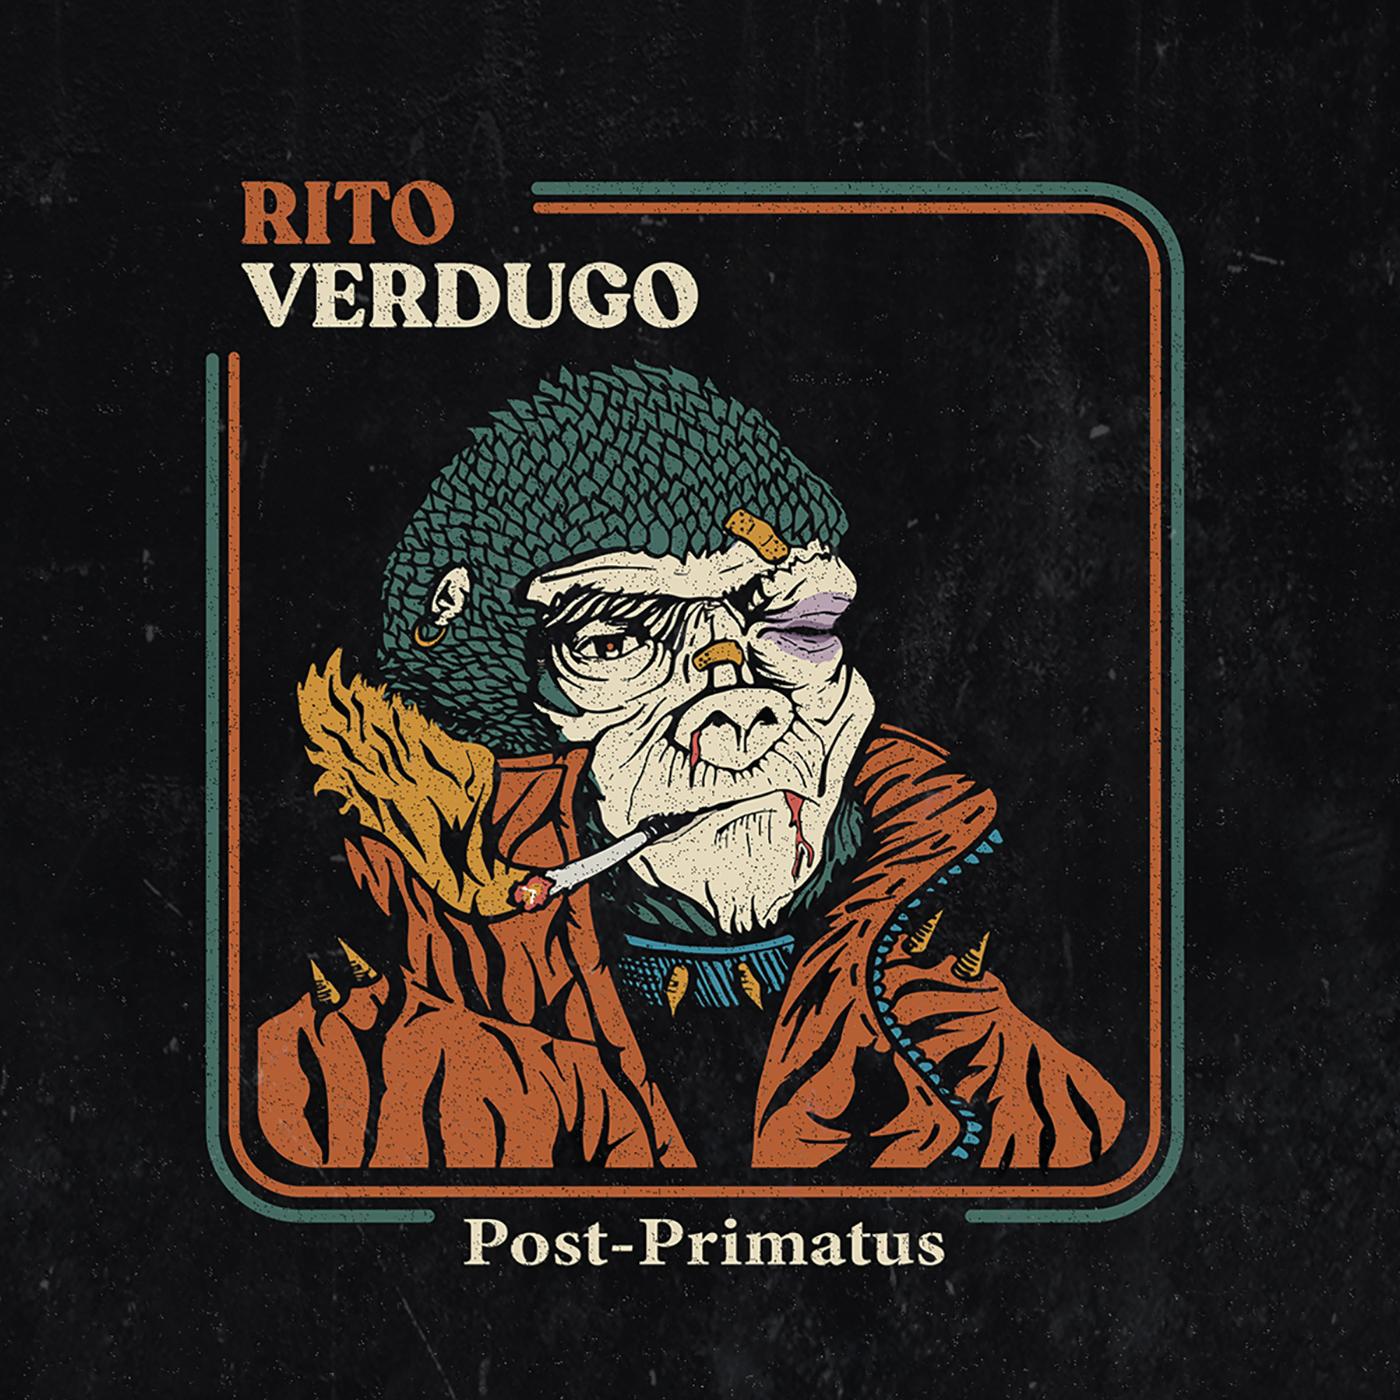 rito verdugo post-primatus